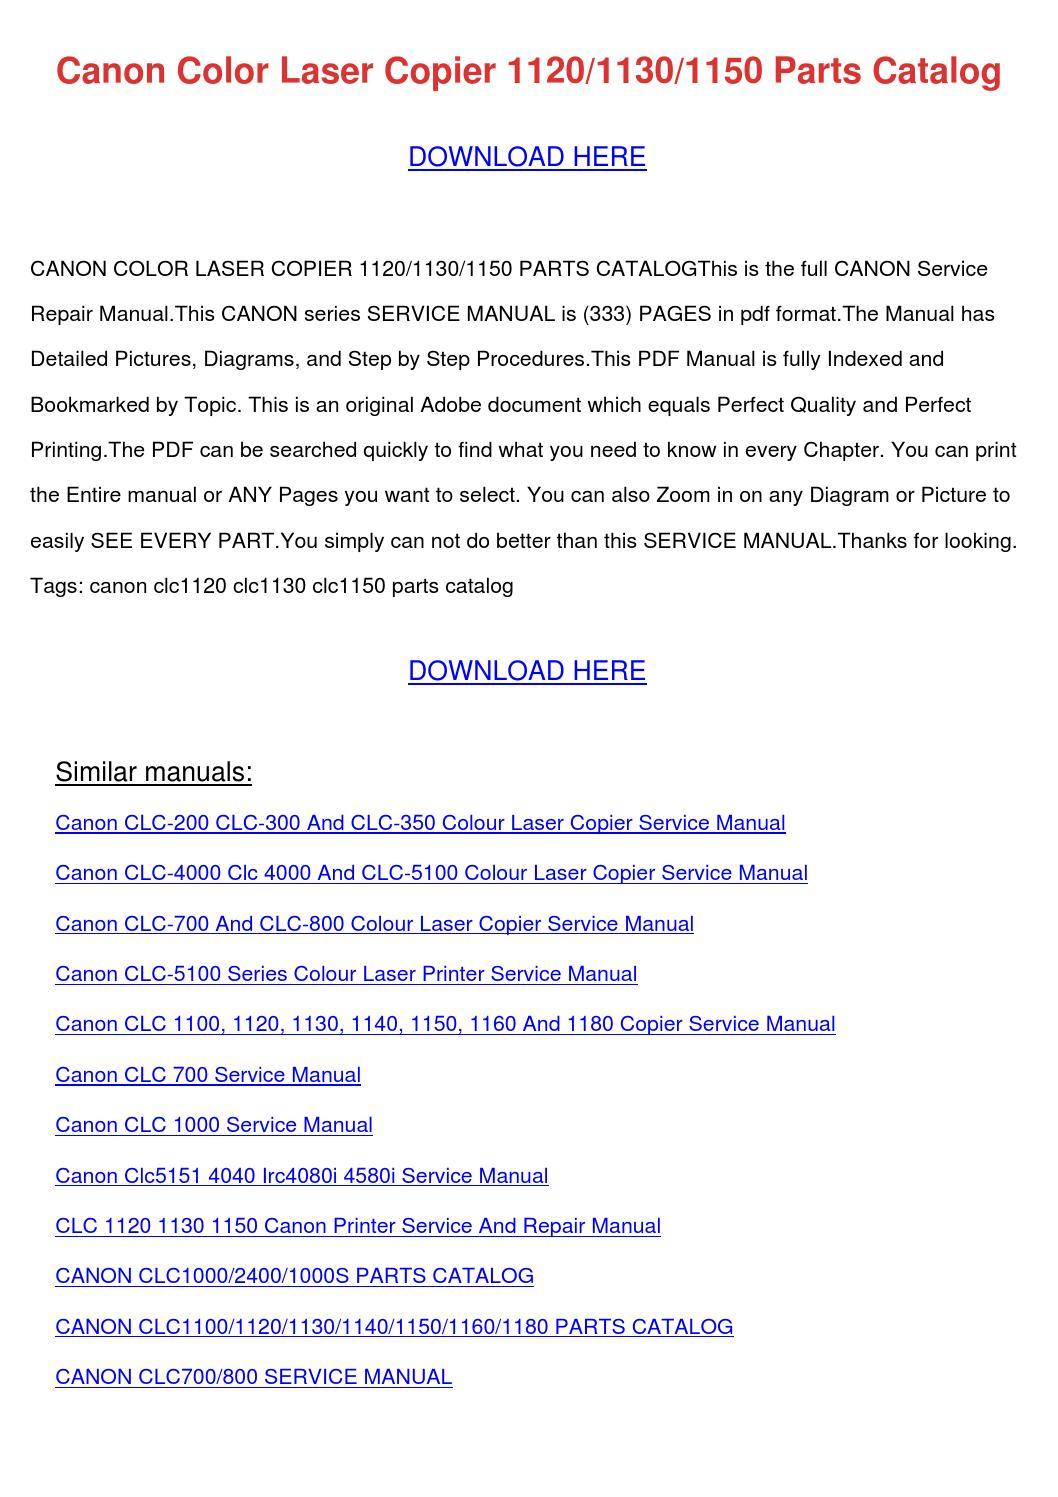 Canon Color Laser Copier 112011301150 Parts C By Carabisson